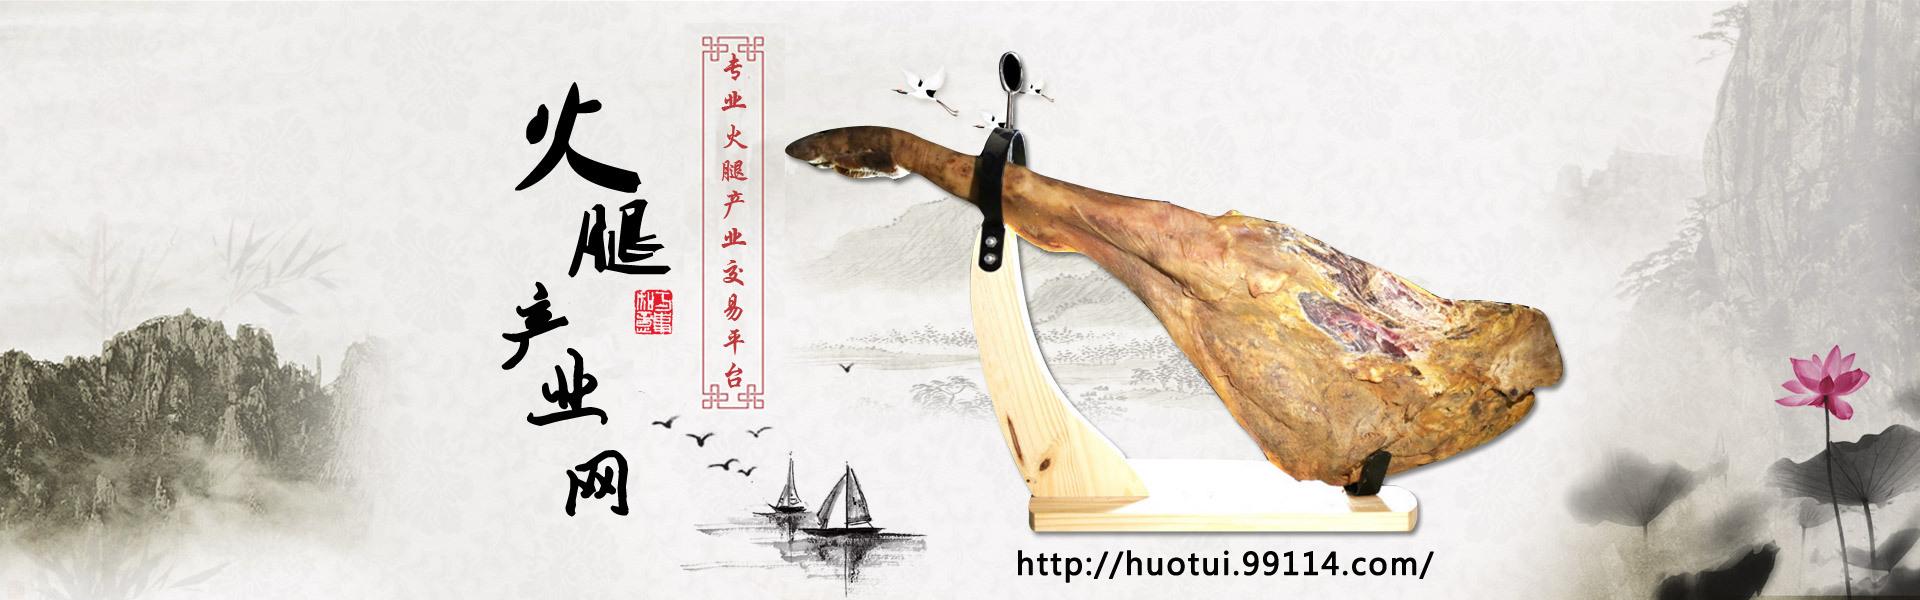 中国火腿交易网